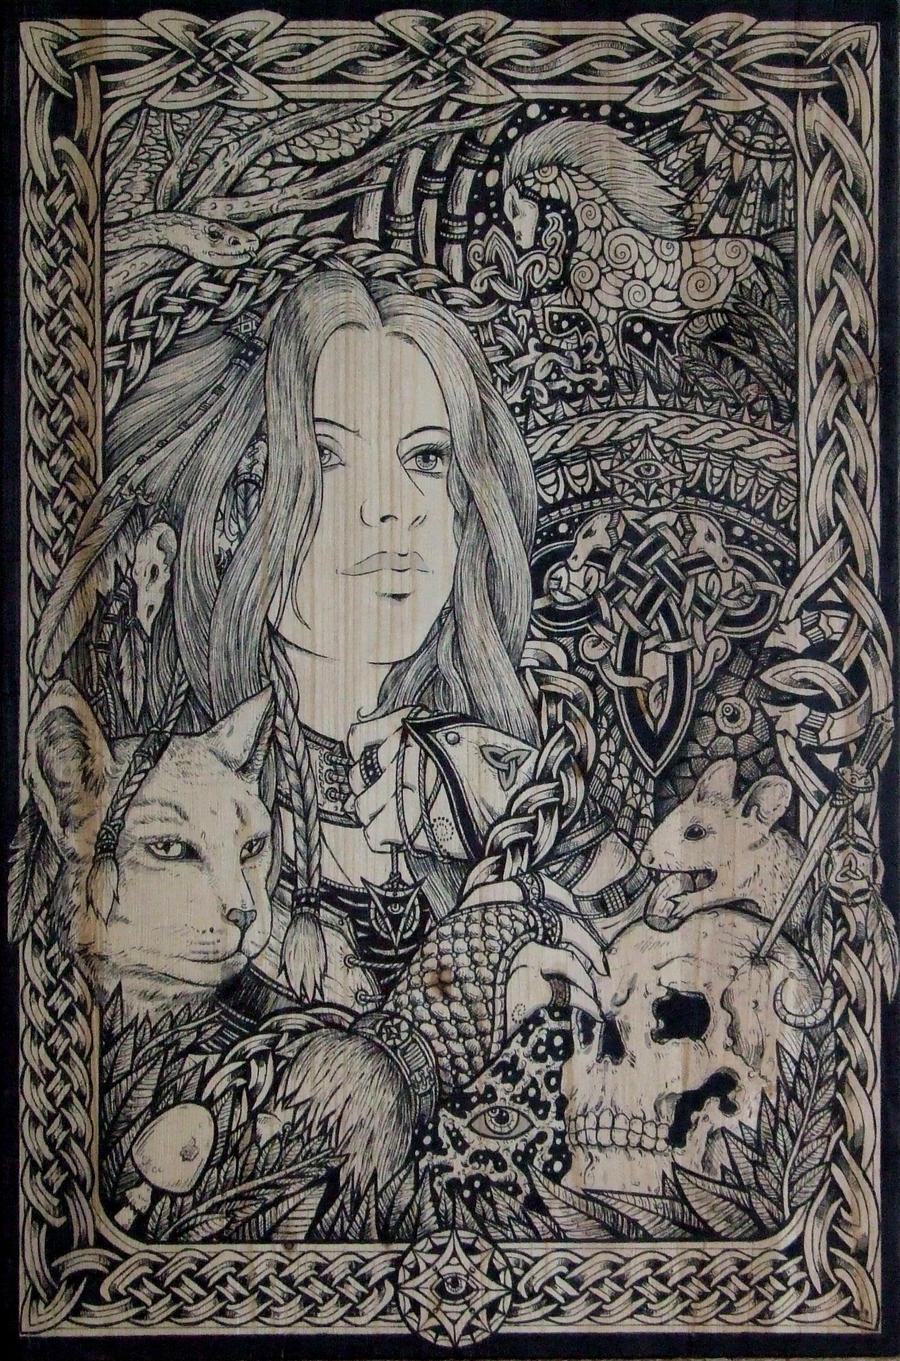 Monika The Witch by ZawArt